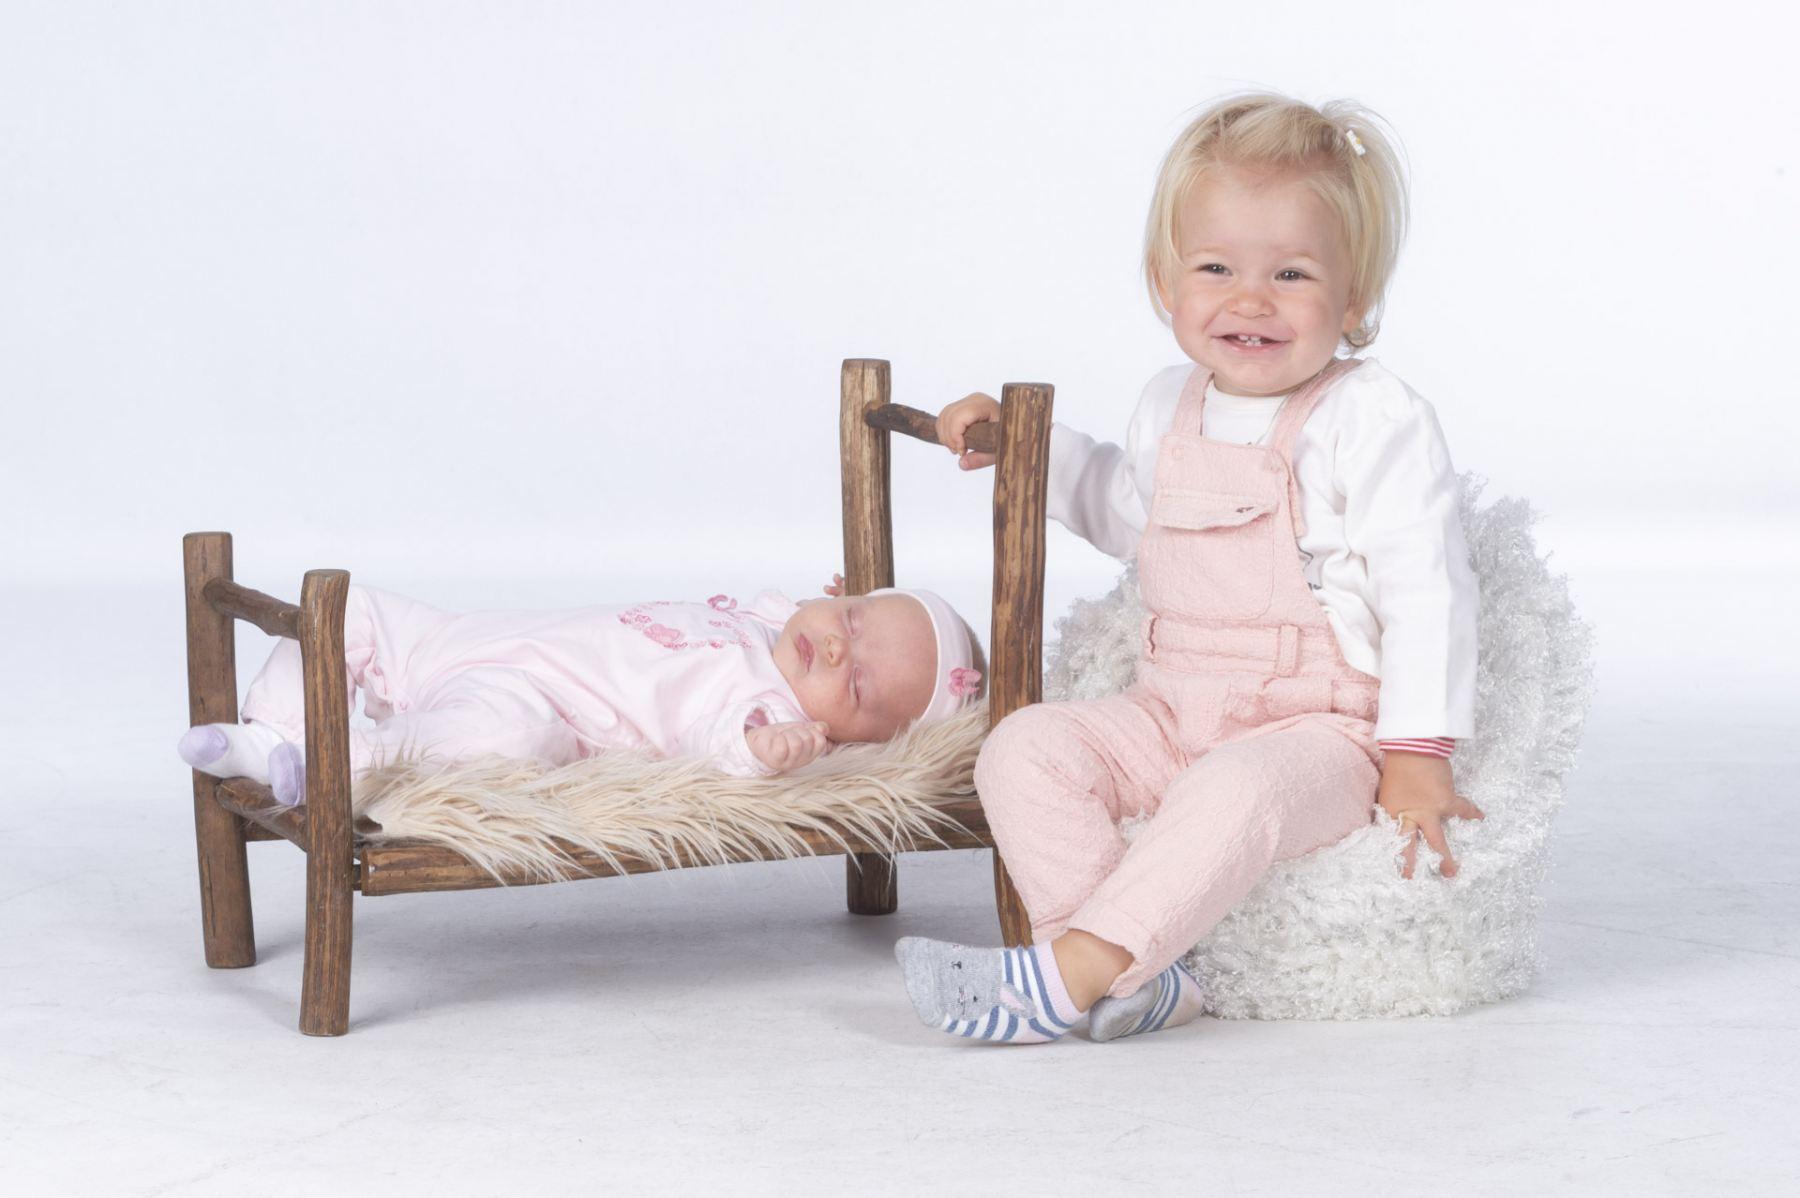 Fotograf-Baby-Familie-Newborn-Neugeboren-Traunstein-Chiemgau043